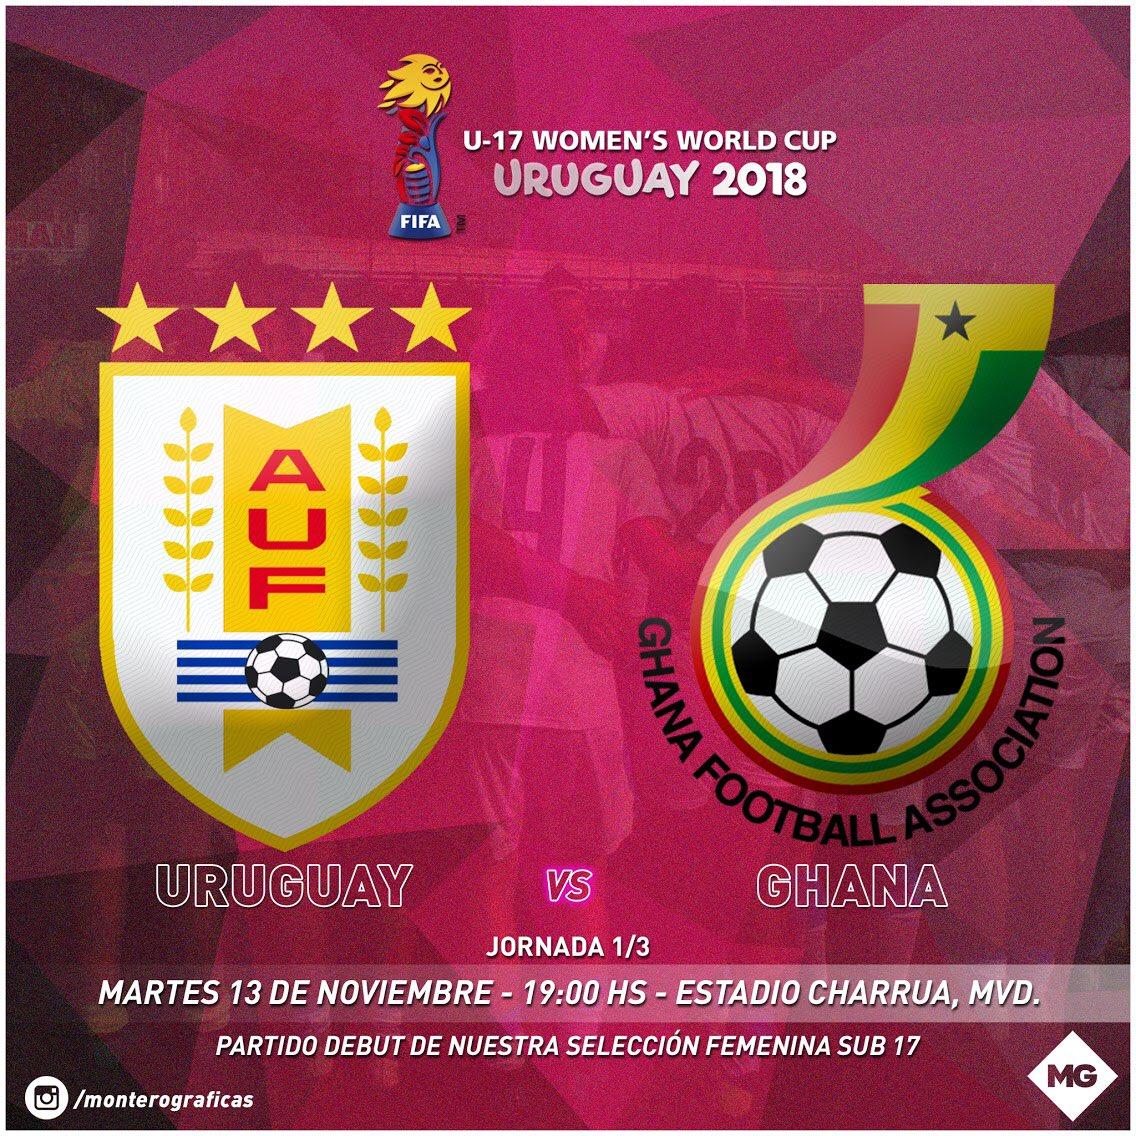 Próximo Martes, en el Estadio Charrua, Uruguay Femenino SUB17 Debuta en su mundial, en su tierra, frente a Ghana, a las 19:00. Vamos Uruguay! #ApoyemosElFutbolFemenino  #U17WWC  #MundialFemeninoSub17 #Uruguay2018 #VamosUruguay